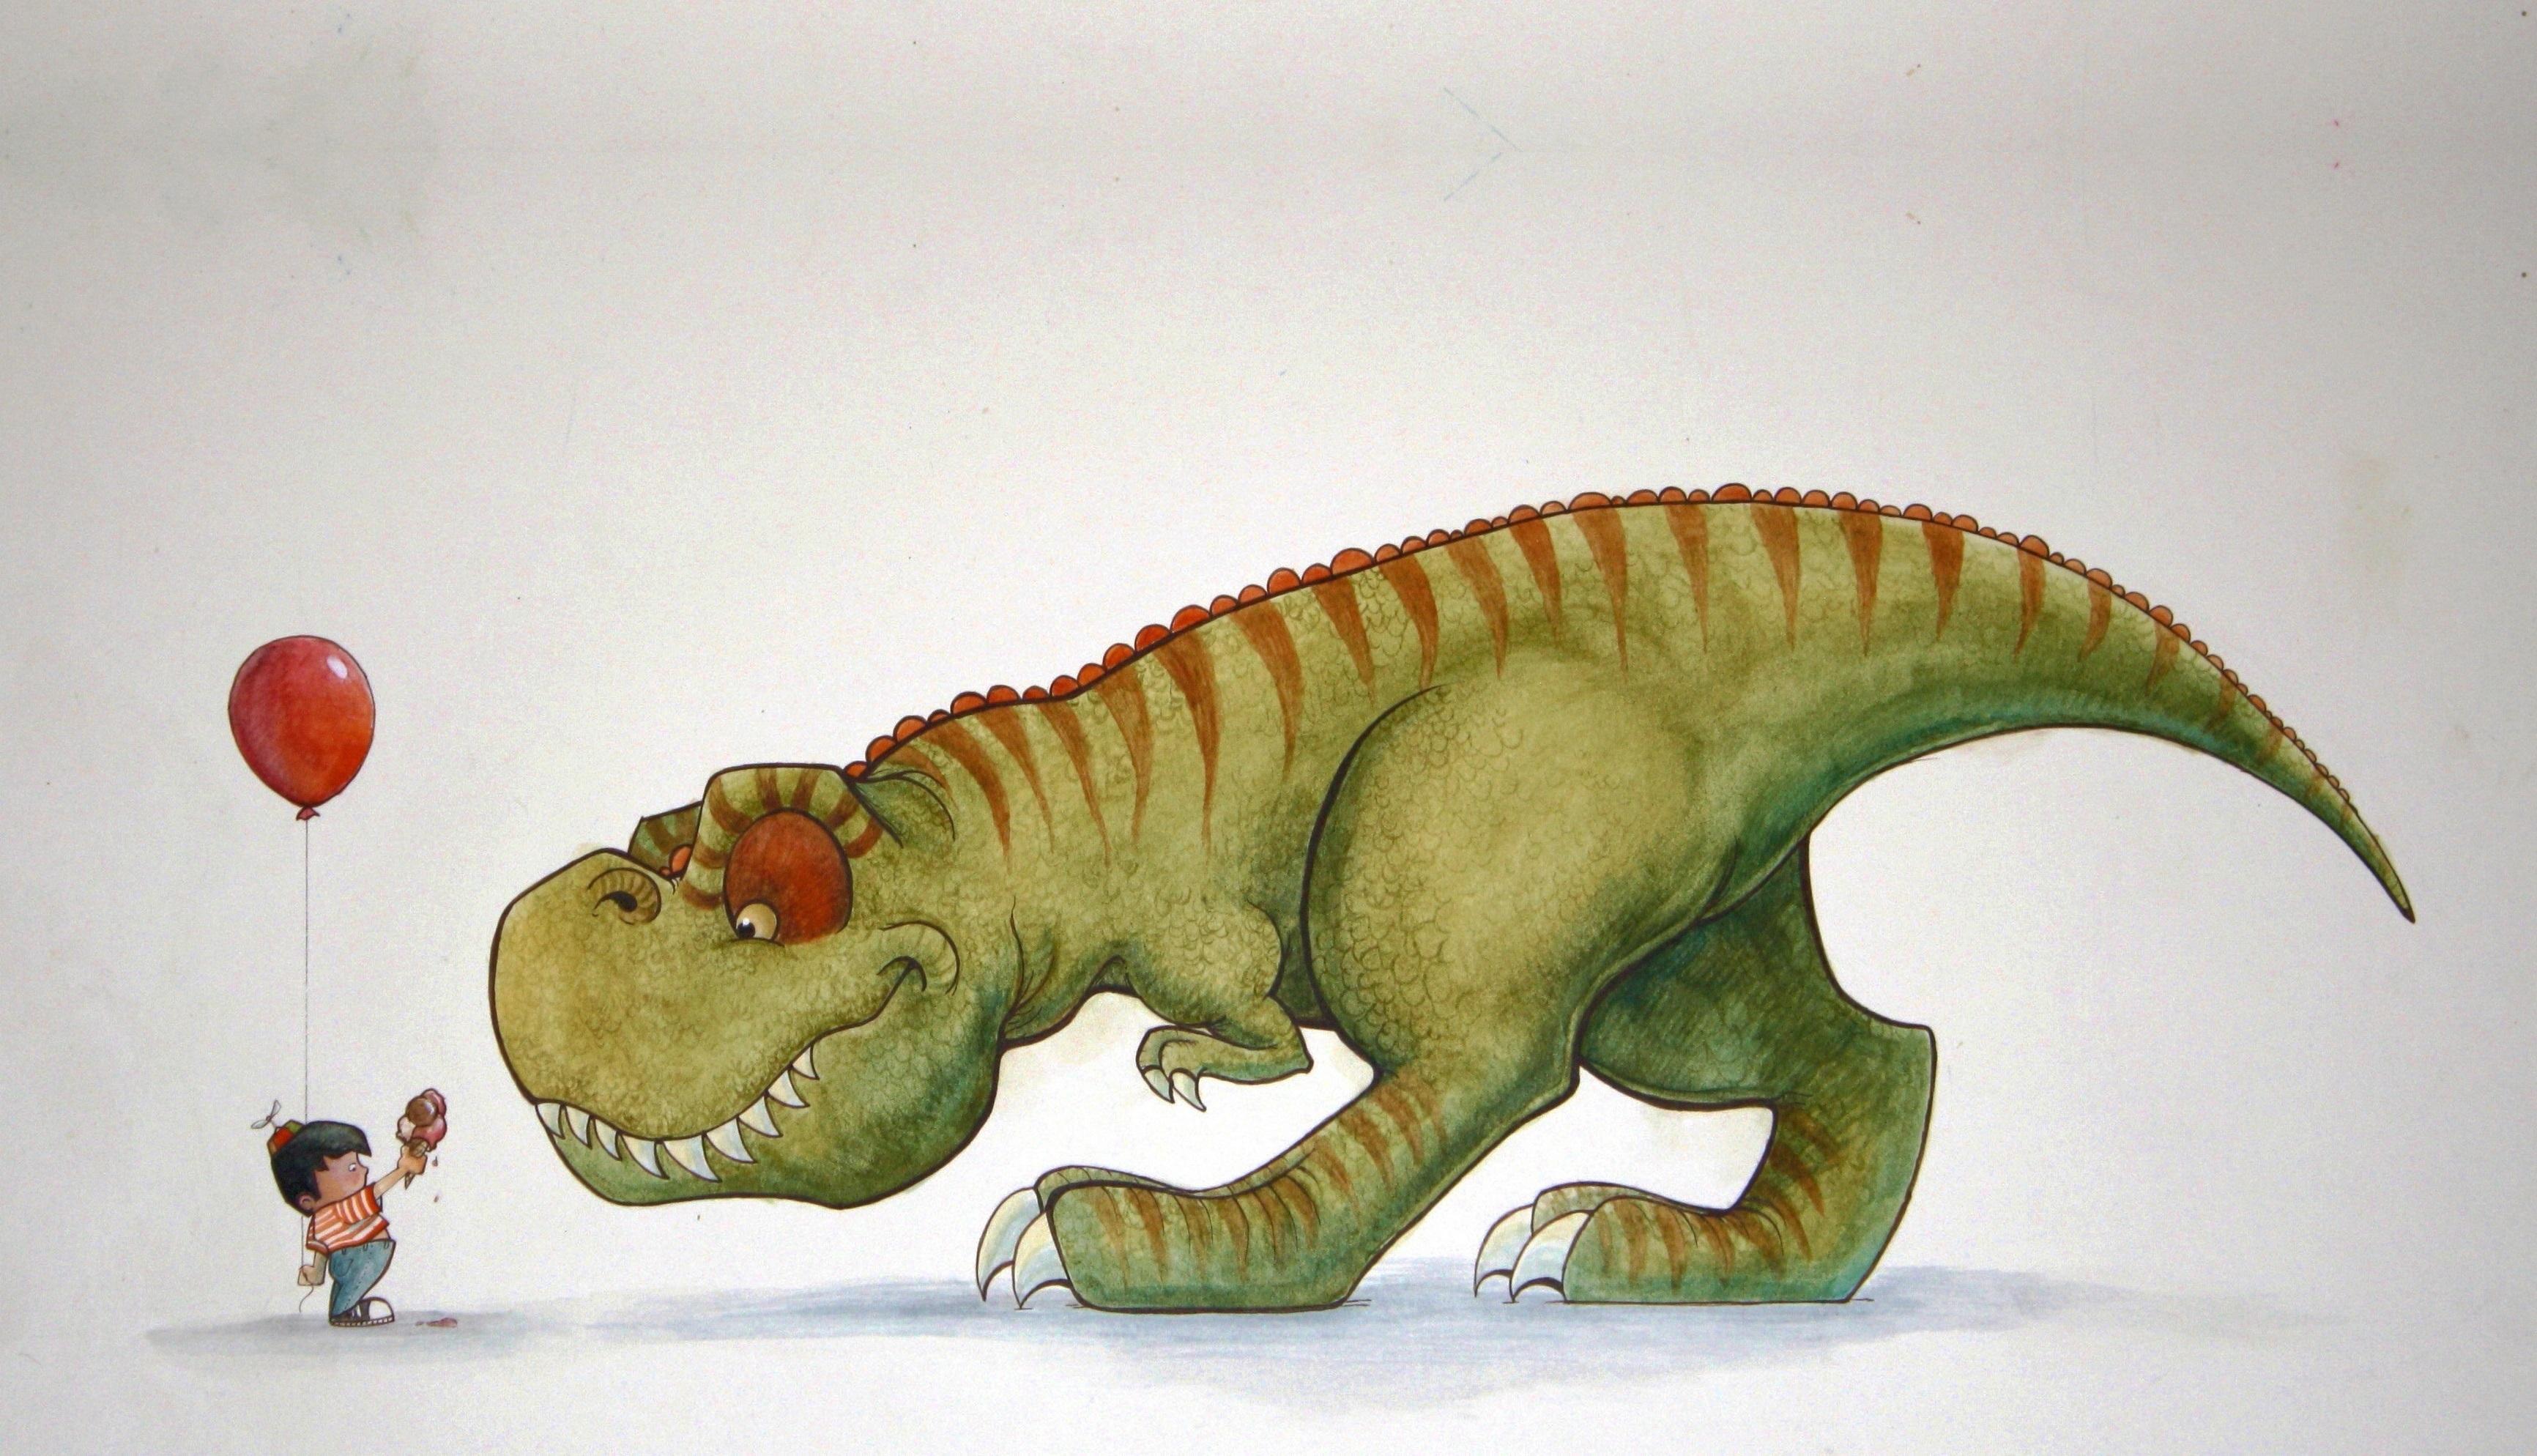 Динозавры смешные картинки, февраля